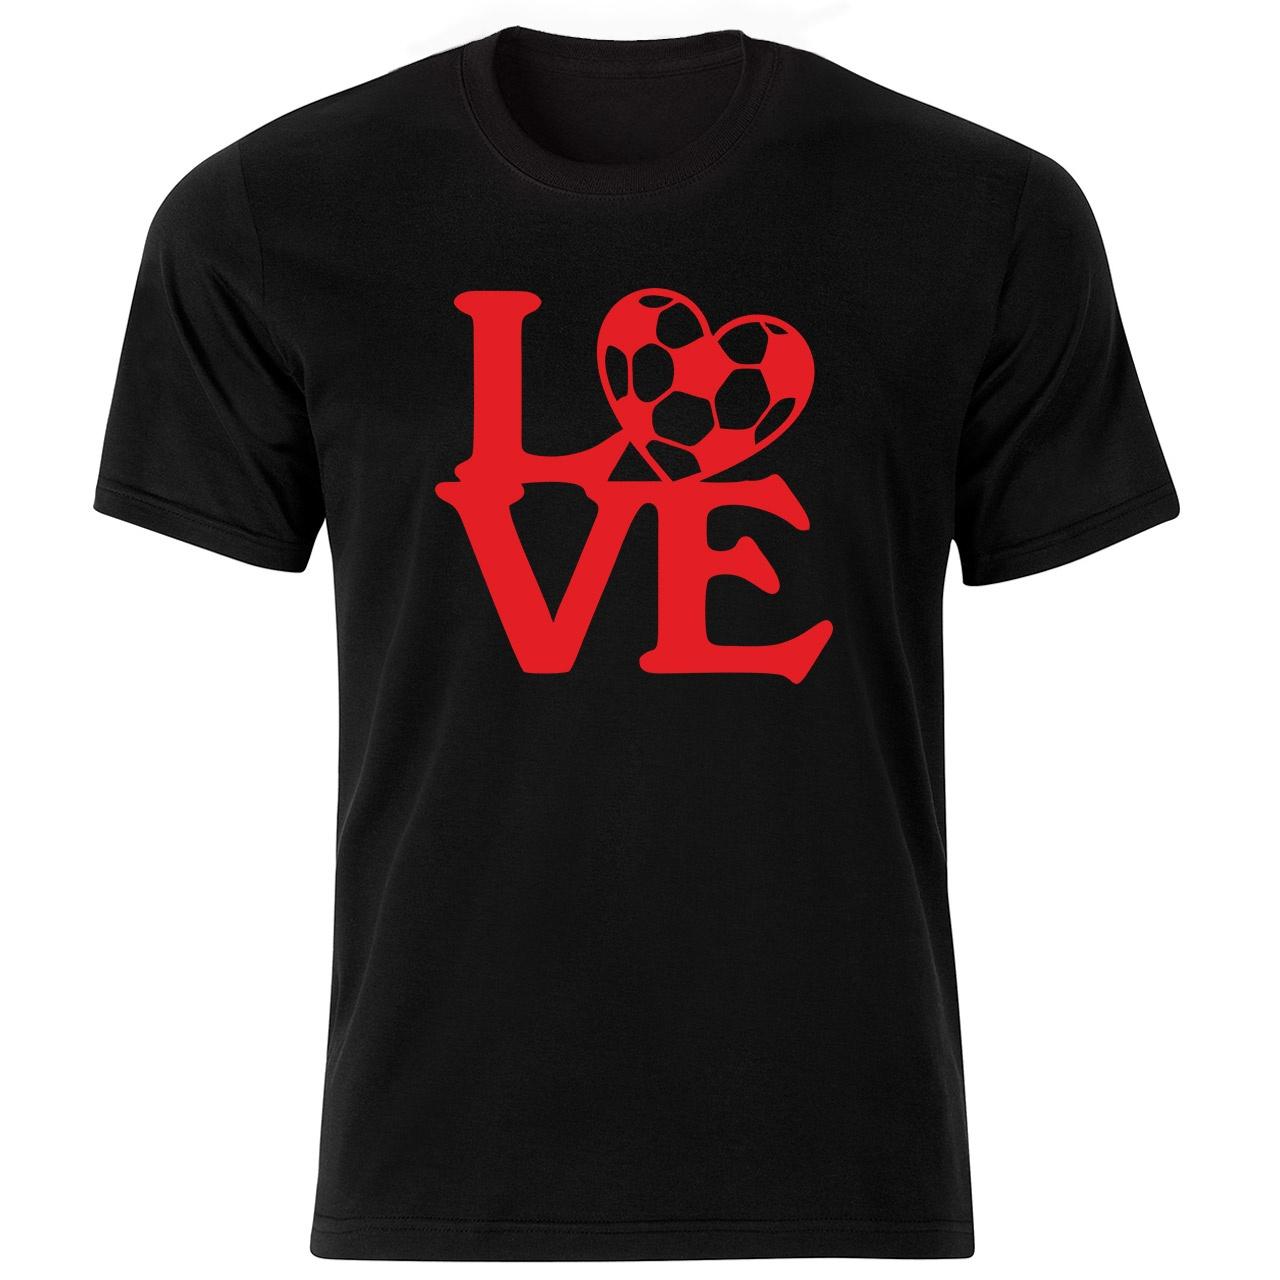 تی شرت مردانه تارپون طرح فانتزی کد 10430br